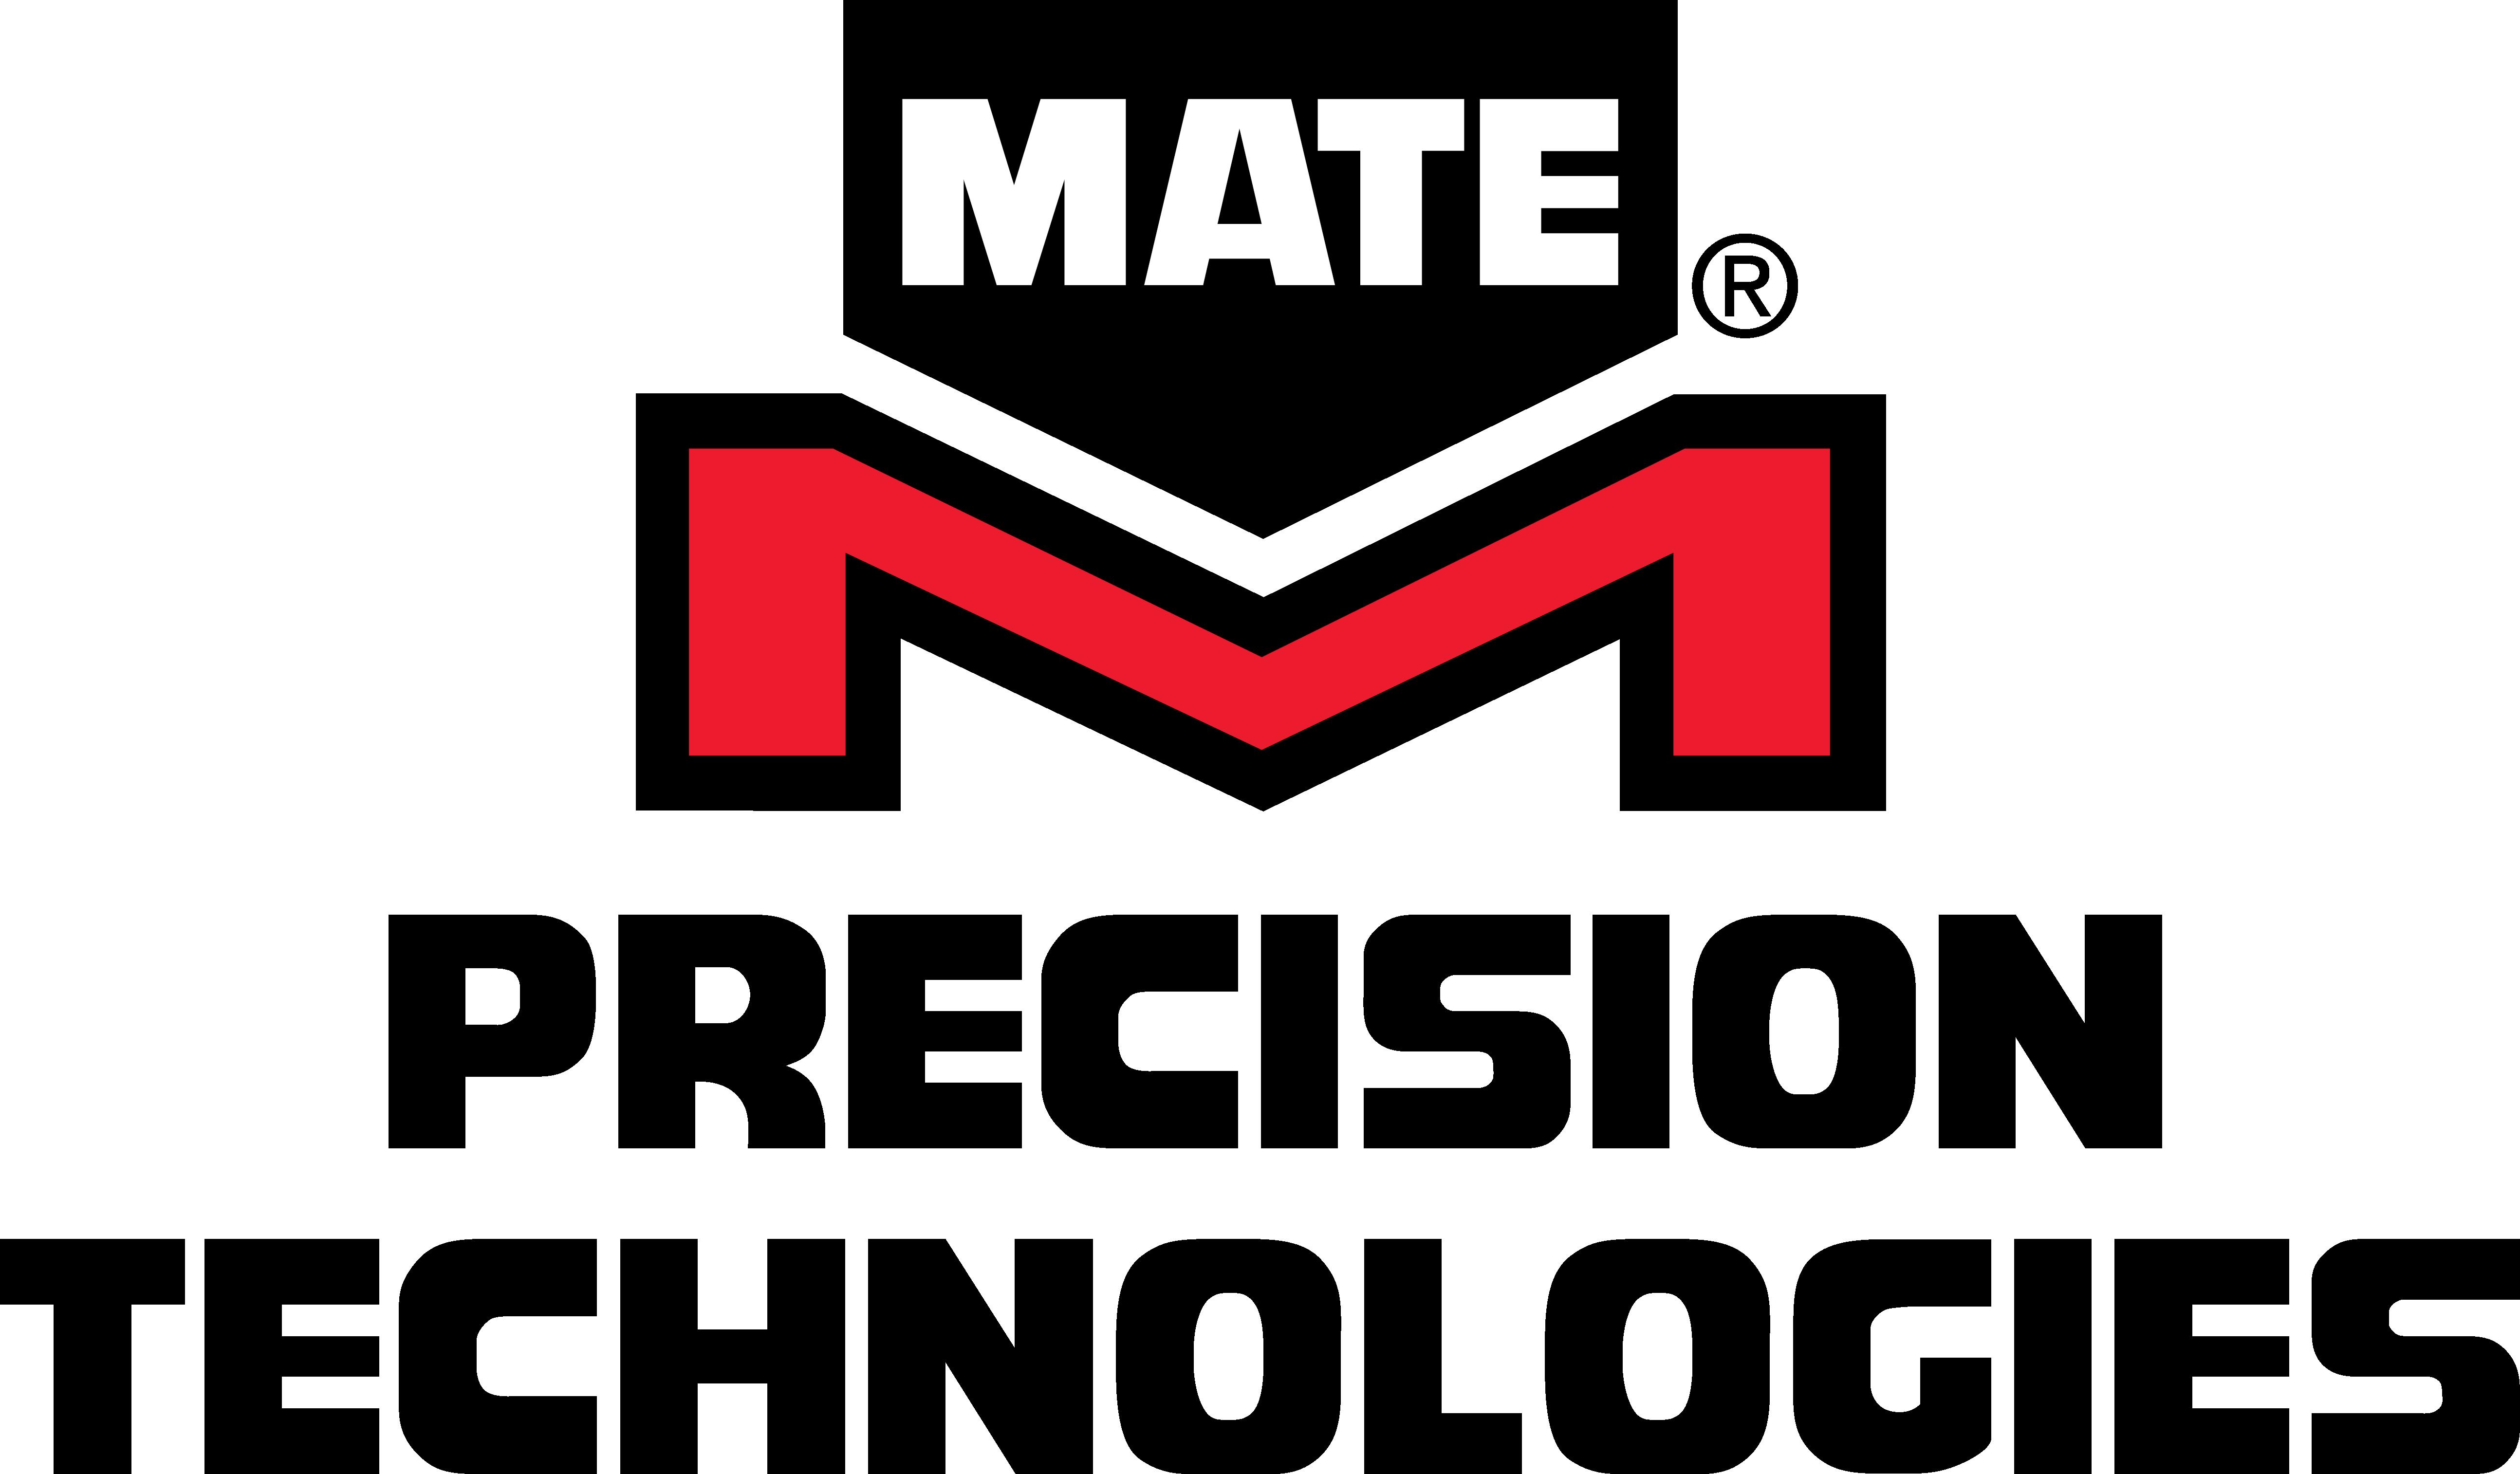 Mate Precision Technologies